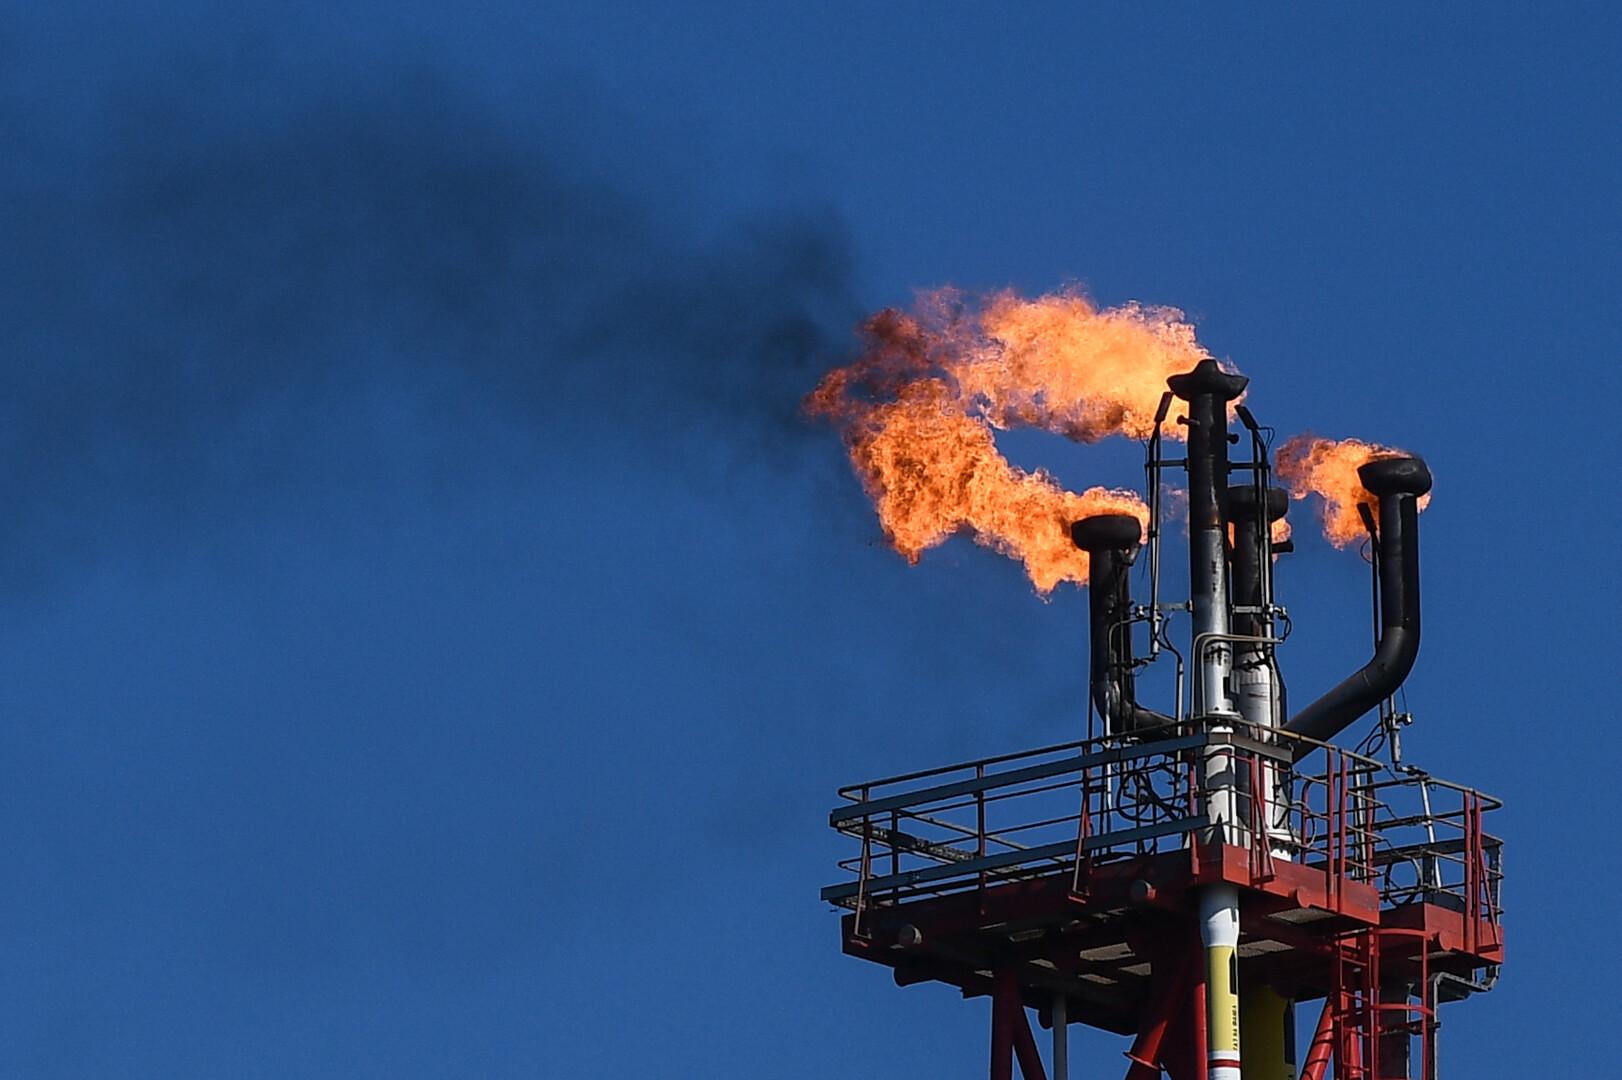 روسيا تحقق خفضا بإنتاج النفط في سبتمبر بـ200 ألف برميل يوميا